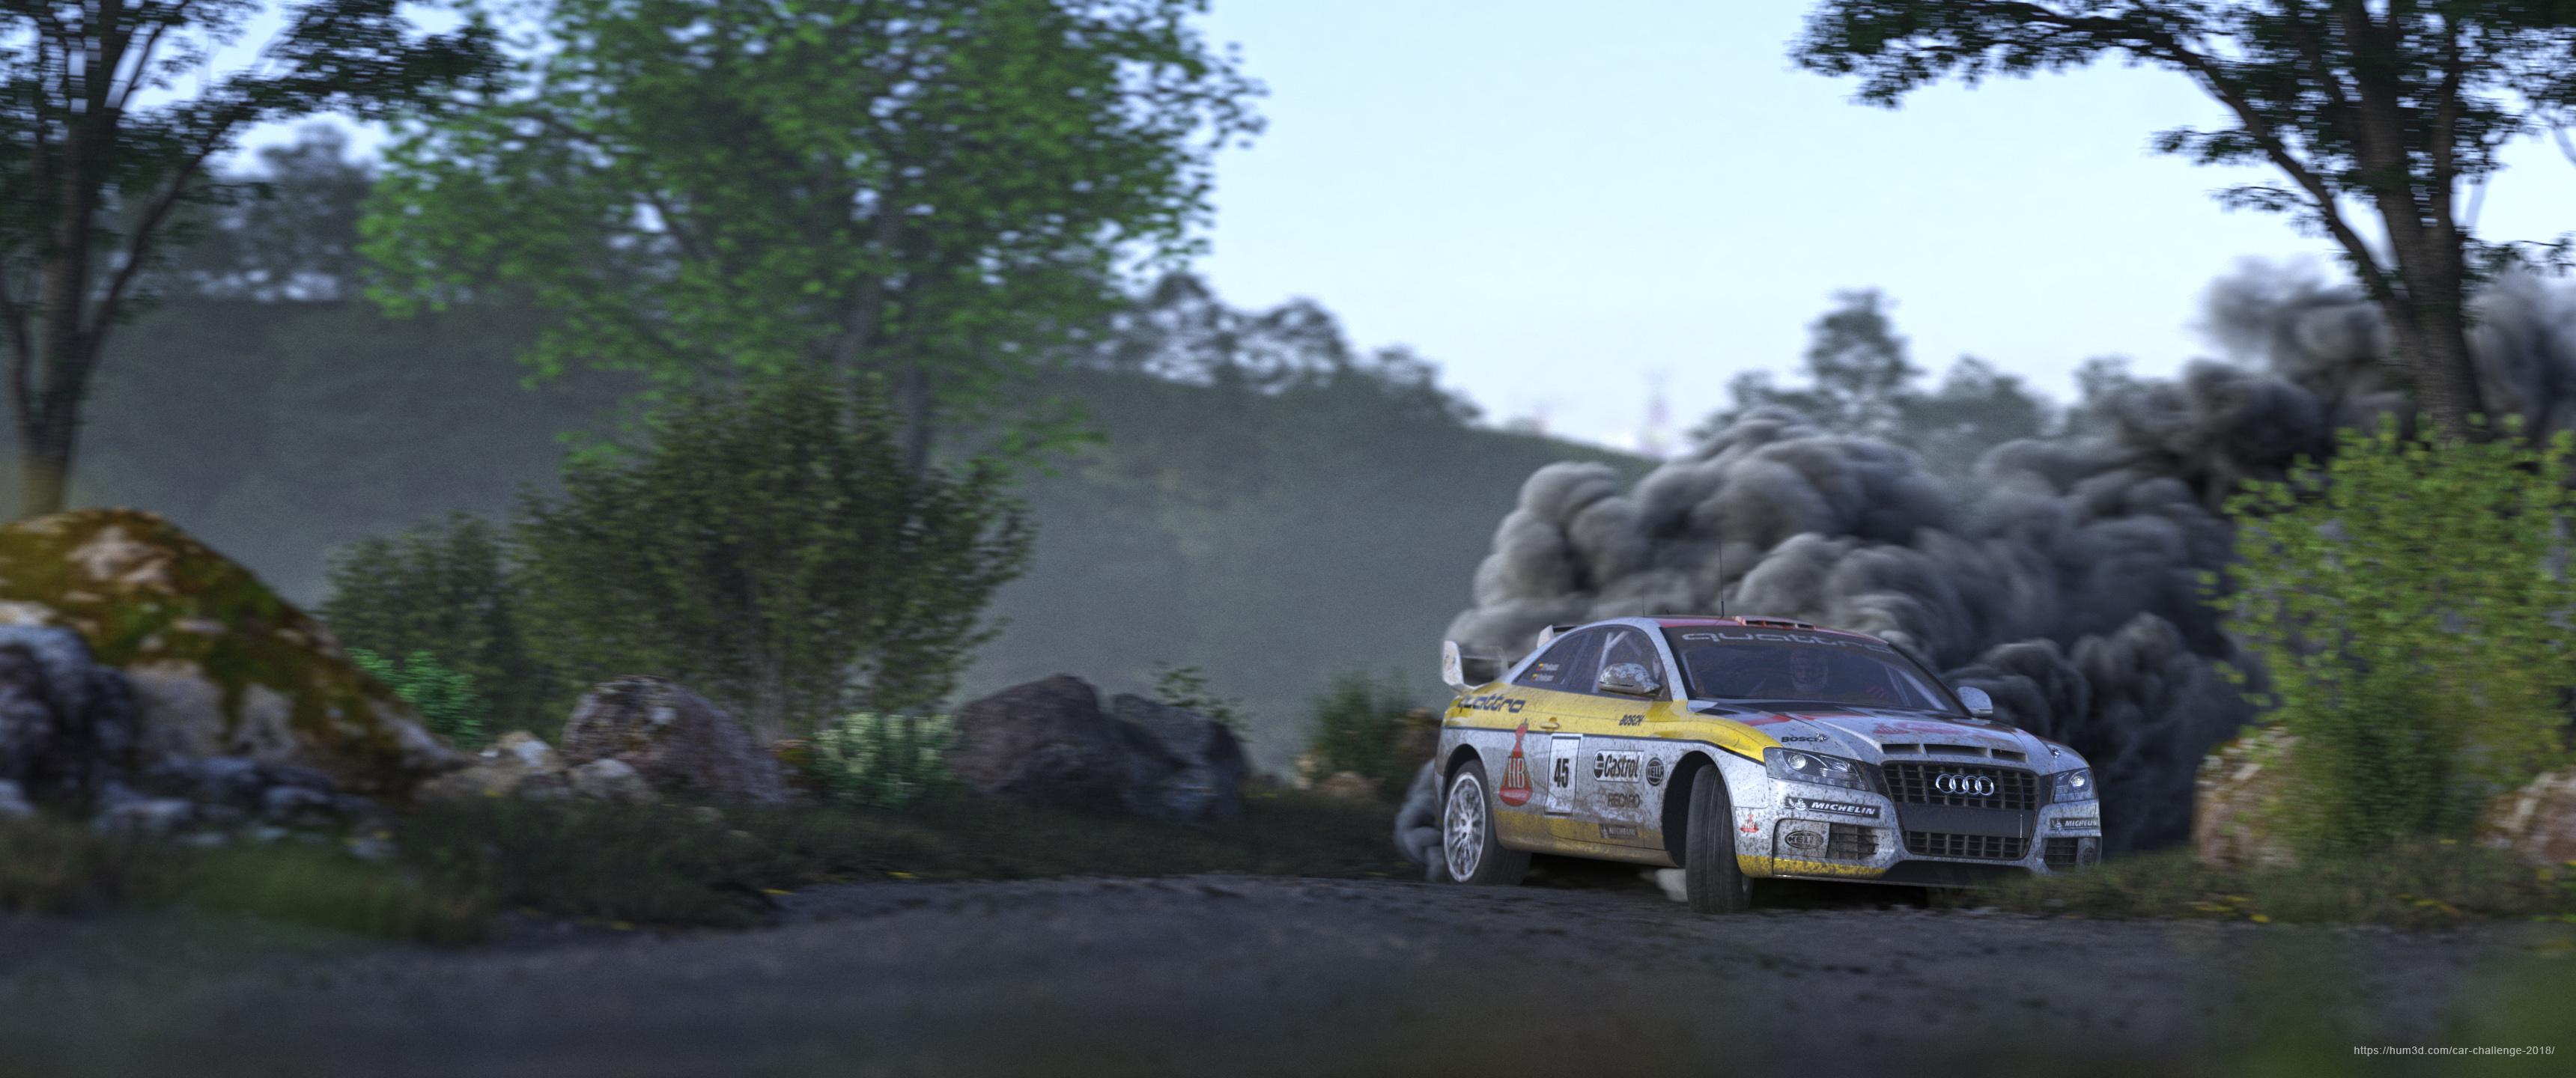 Rally 3d art